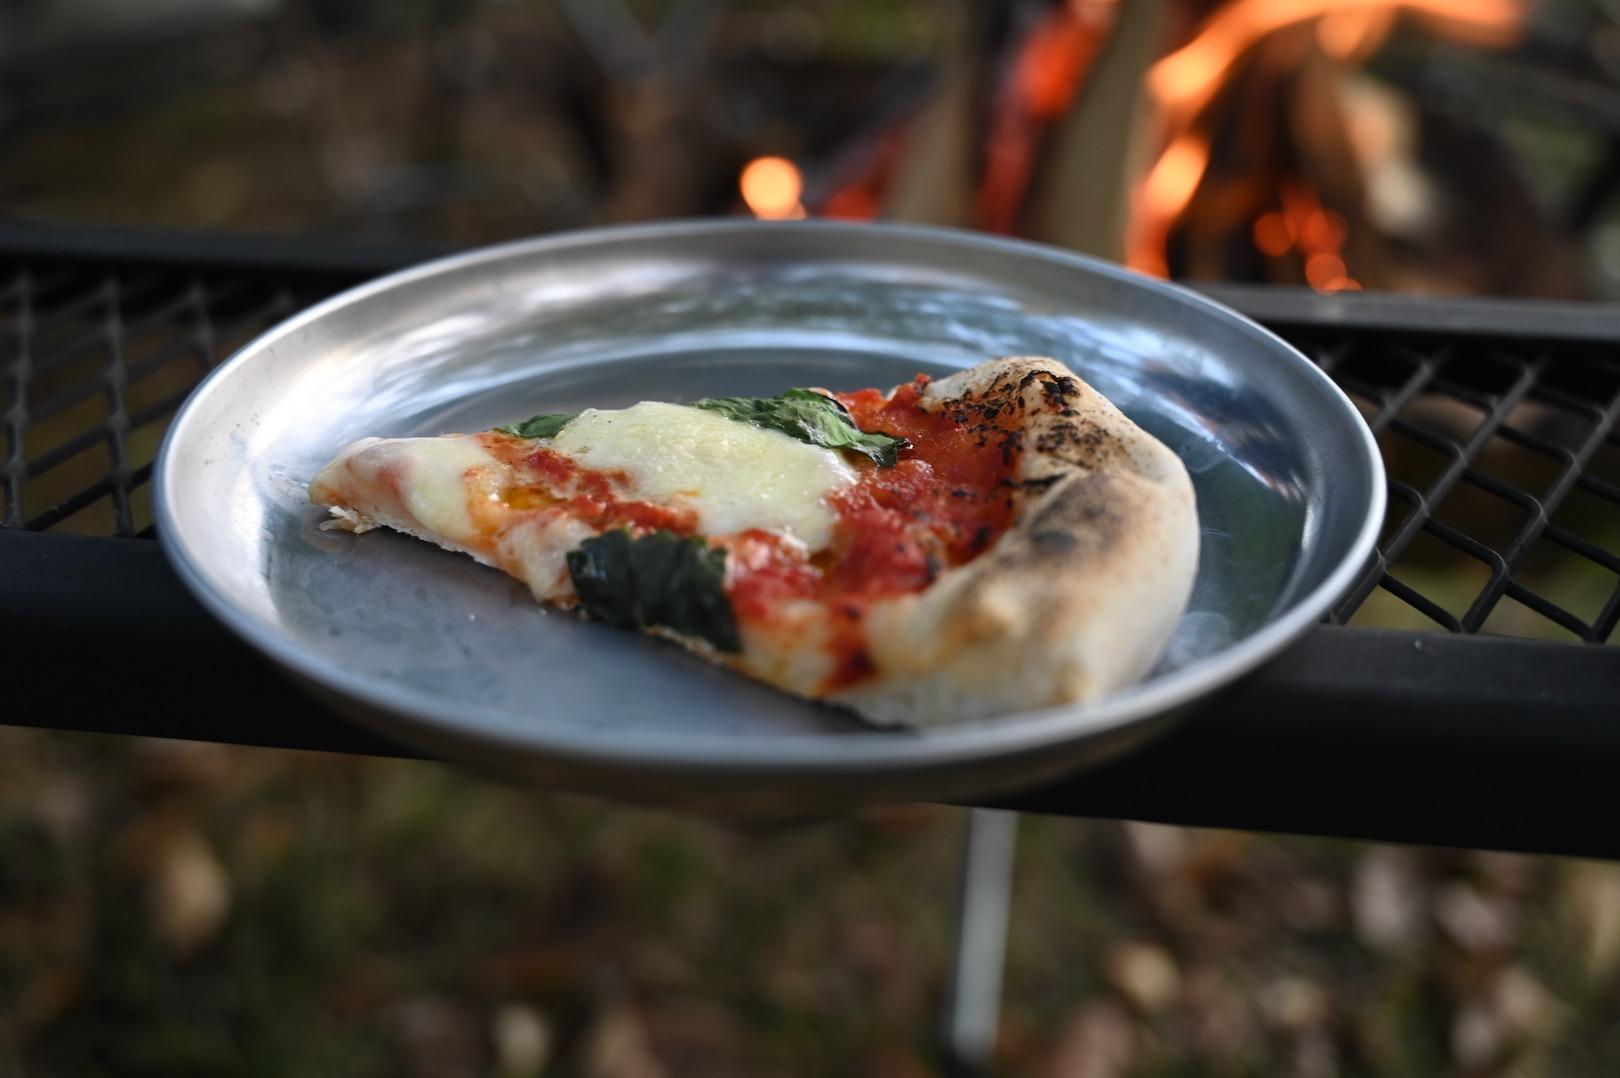 taketin さんが高級バーベキューグリルで焼いたピザ